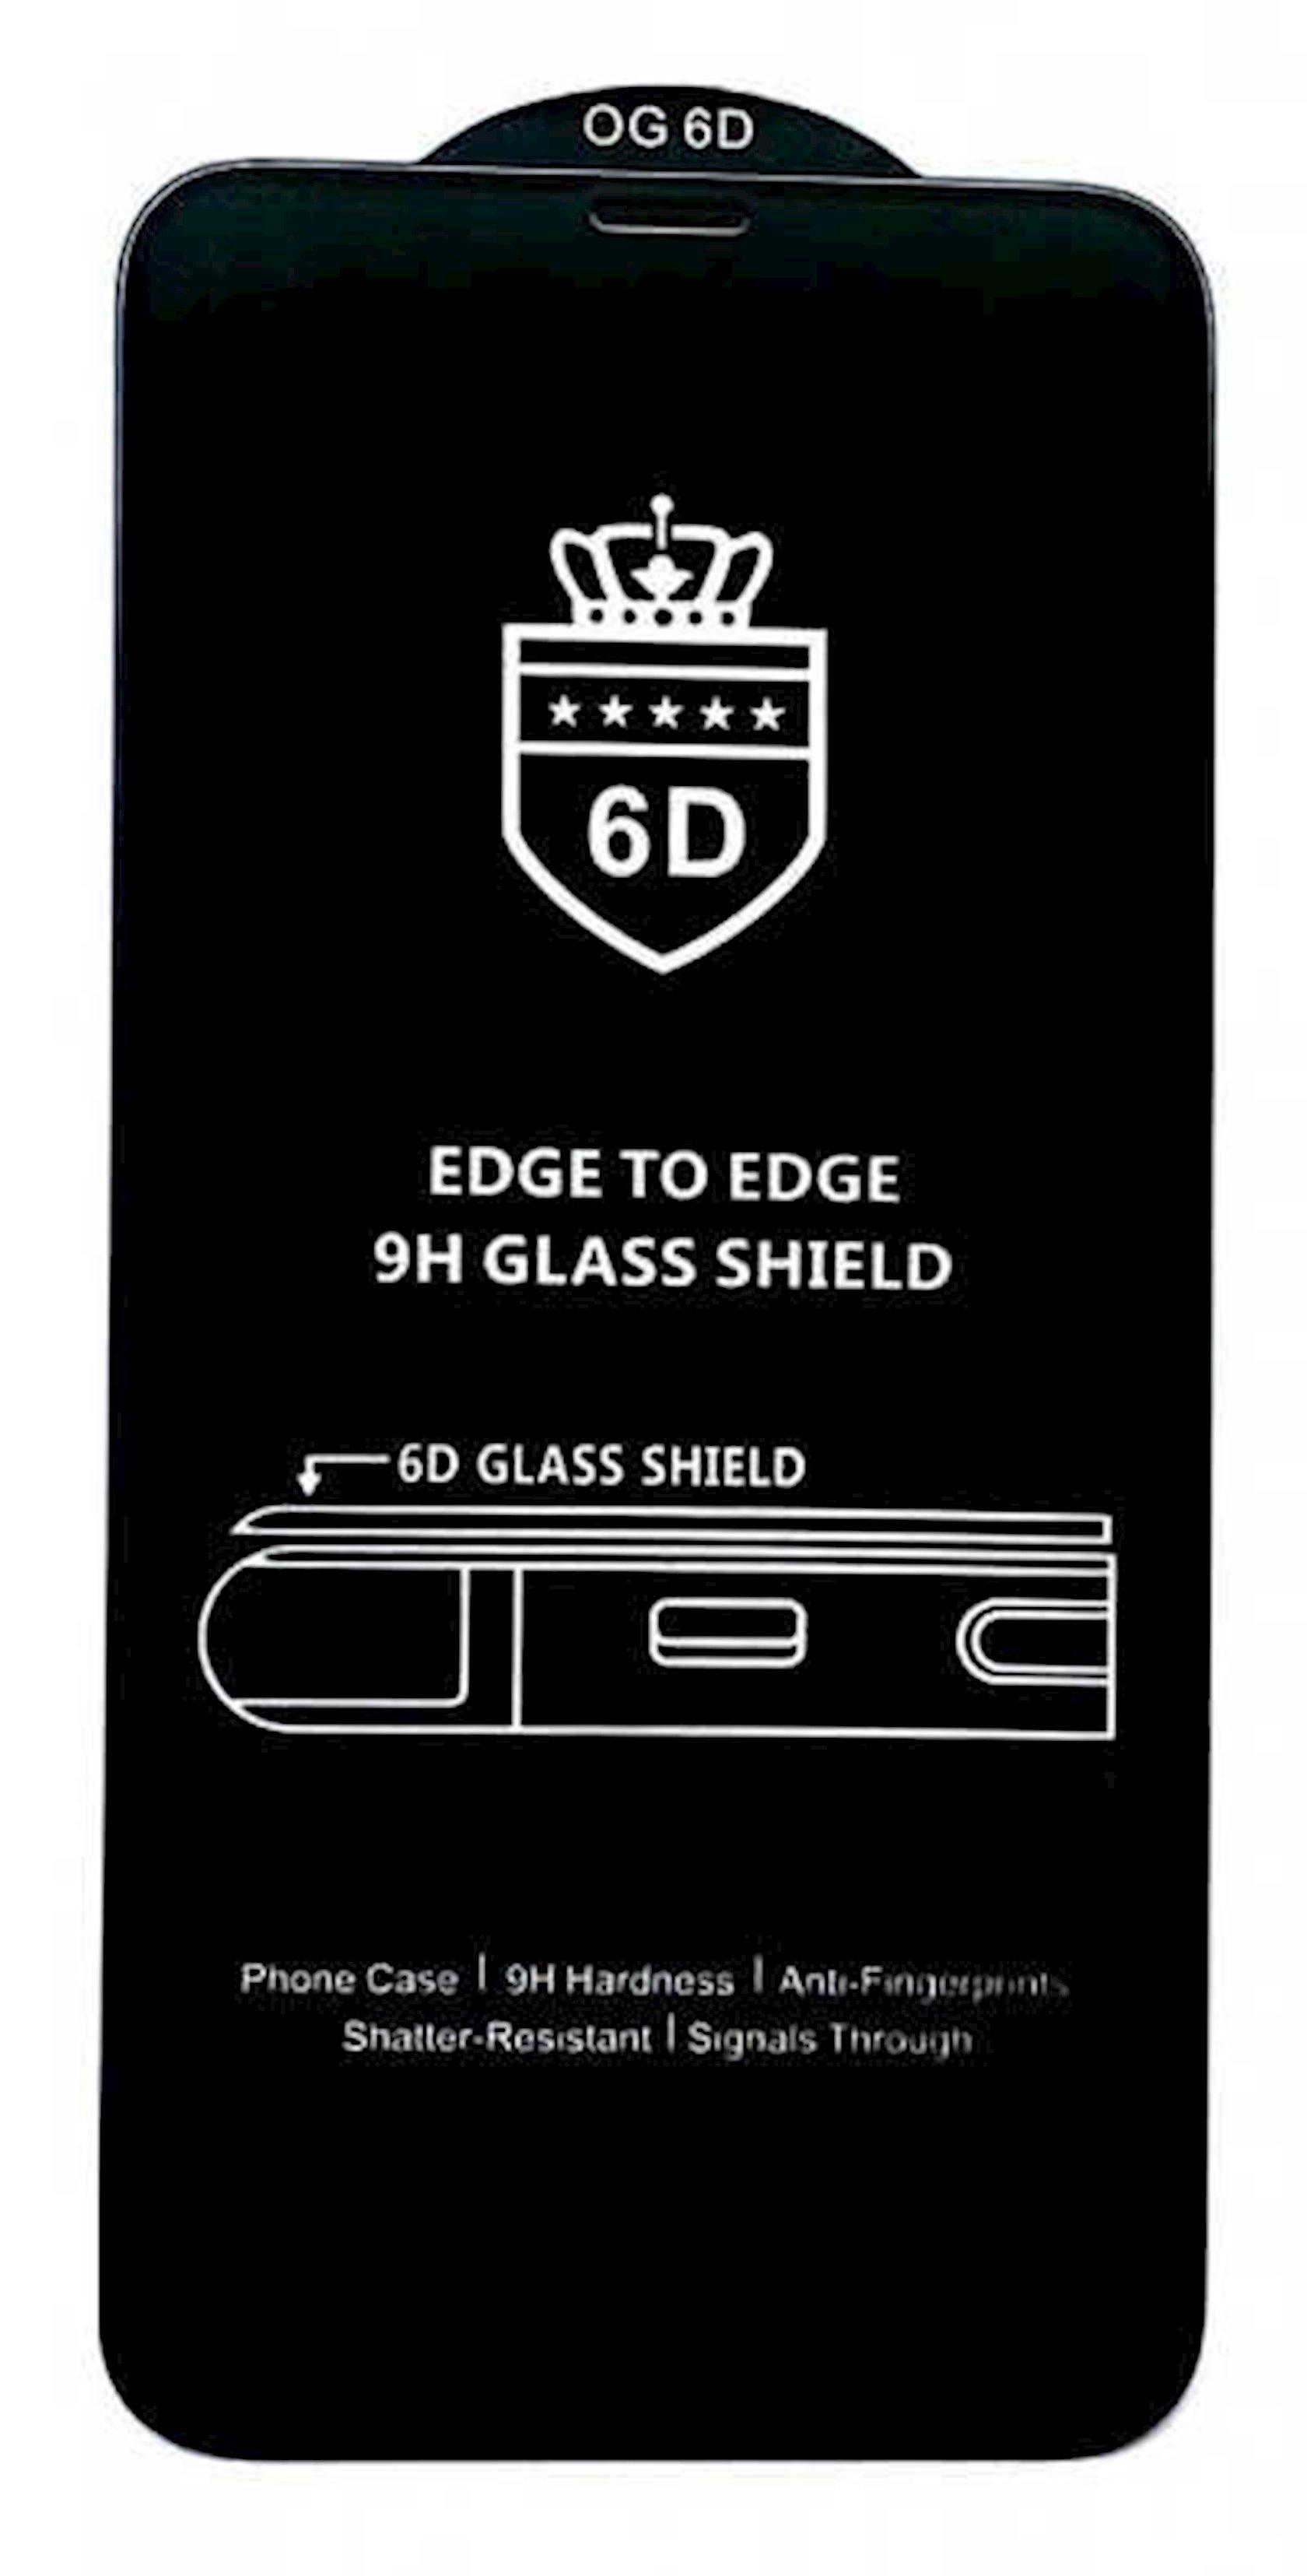 Qoruyucu şüşə OG 6D Premium Xiaomi Redmi 9T/9 Power/Redmi Note 9 4G üçün Black